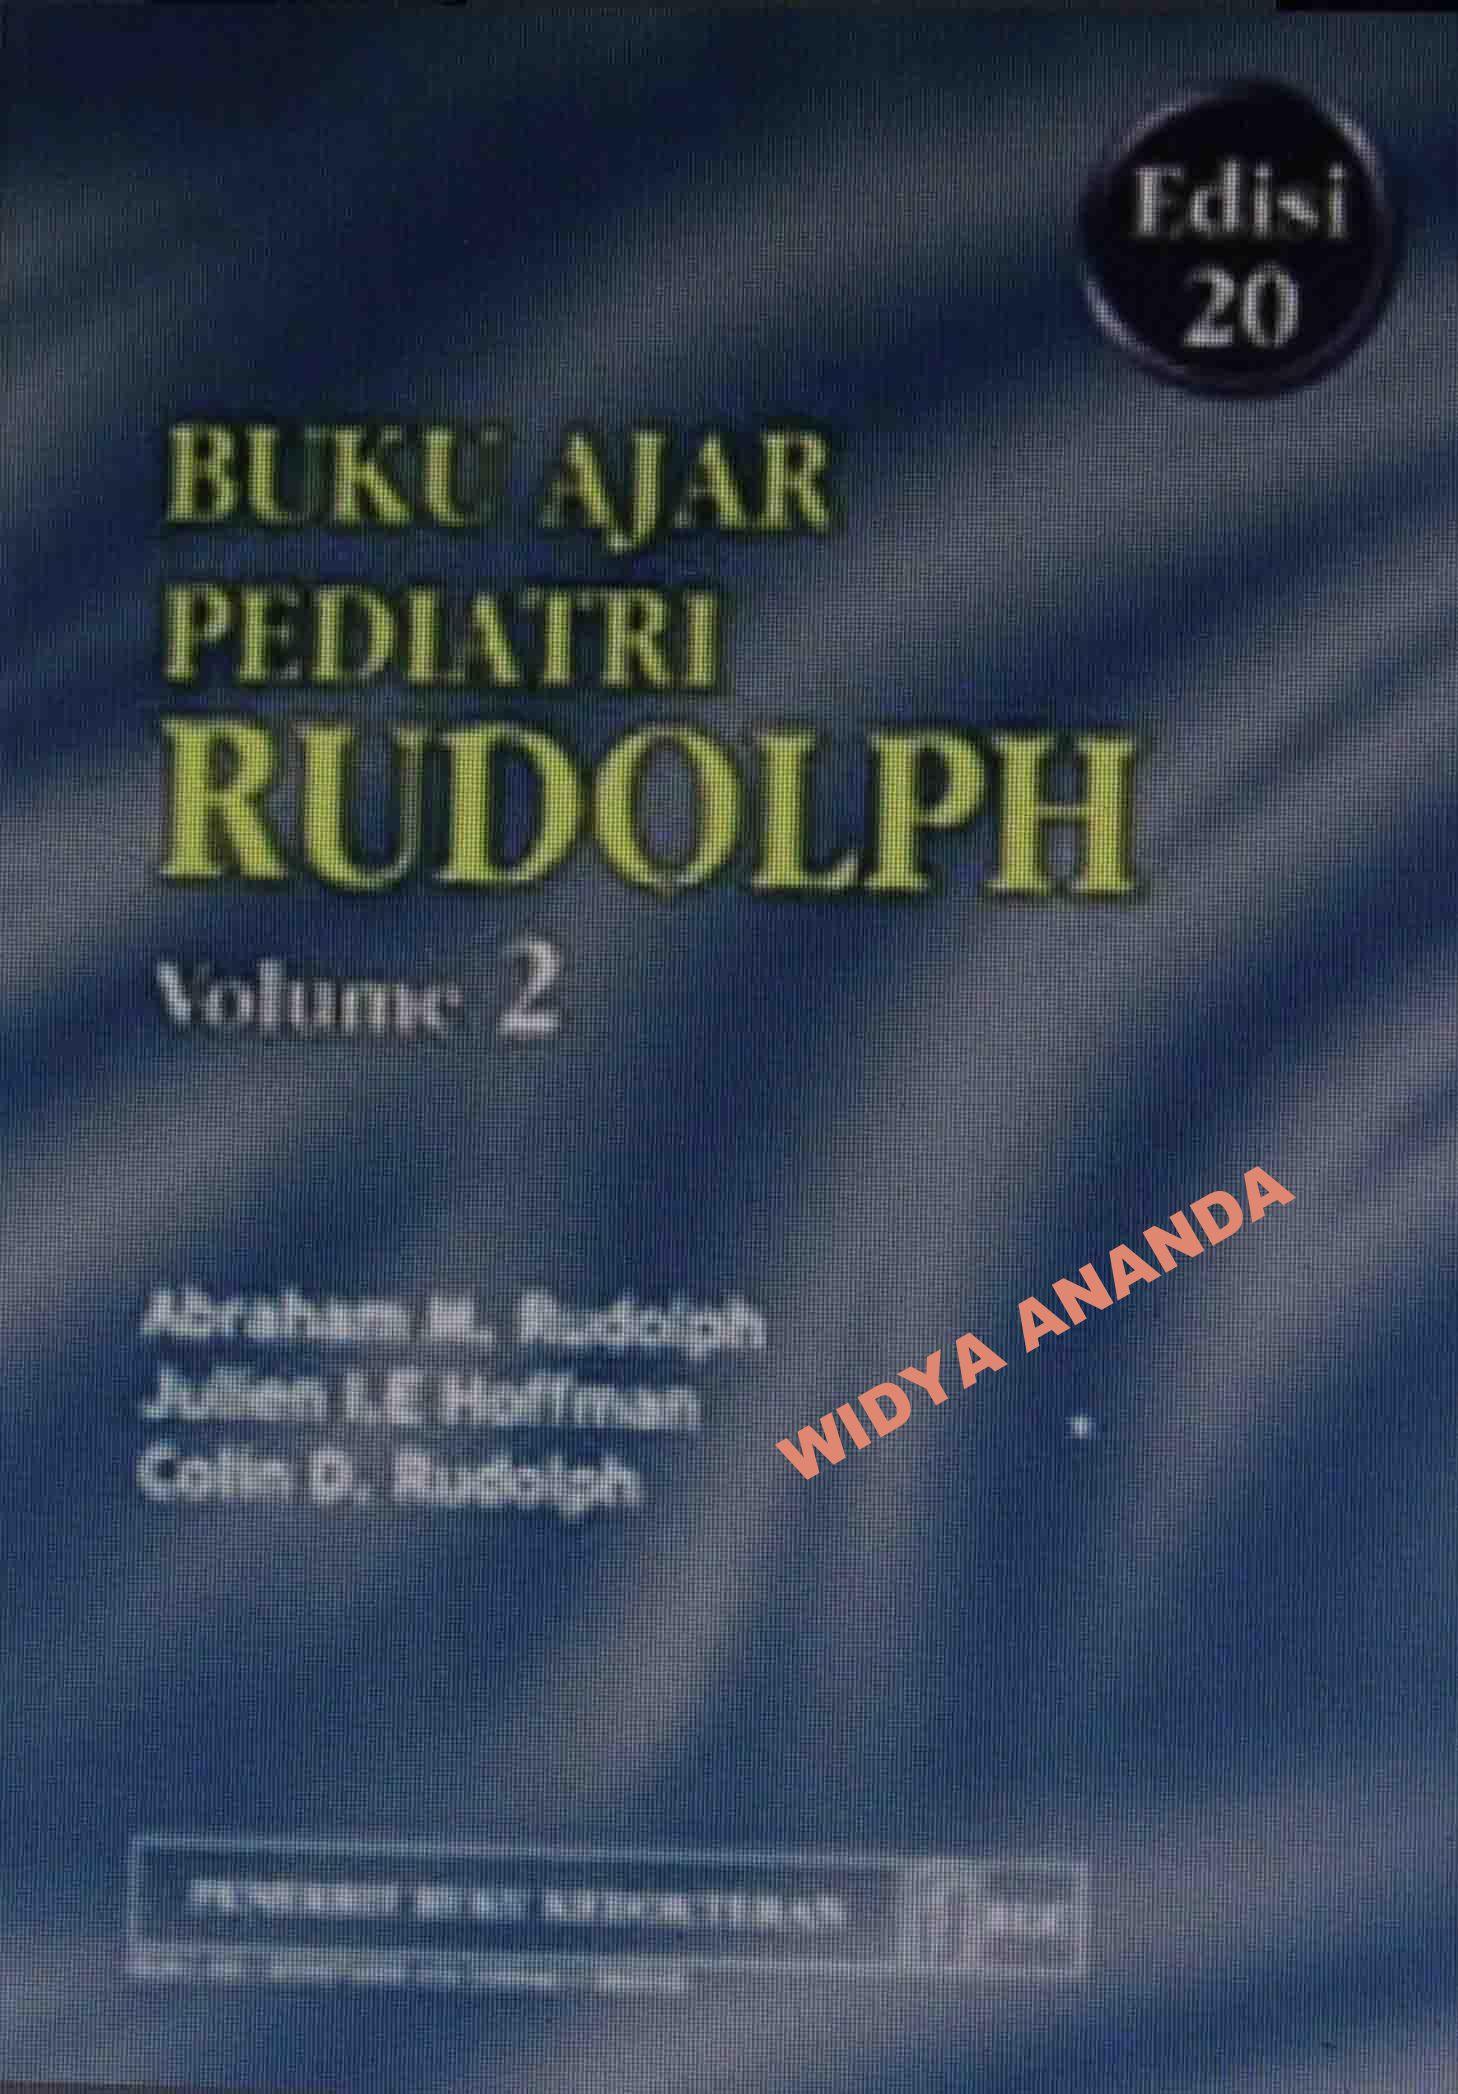 Buku Ajar Pediatri Rudolph, Vol.2 Edisi 20